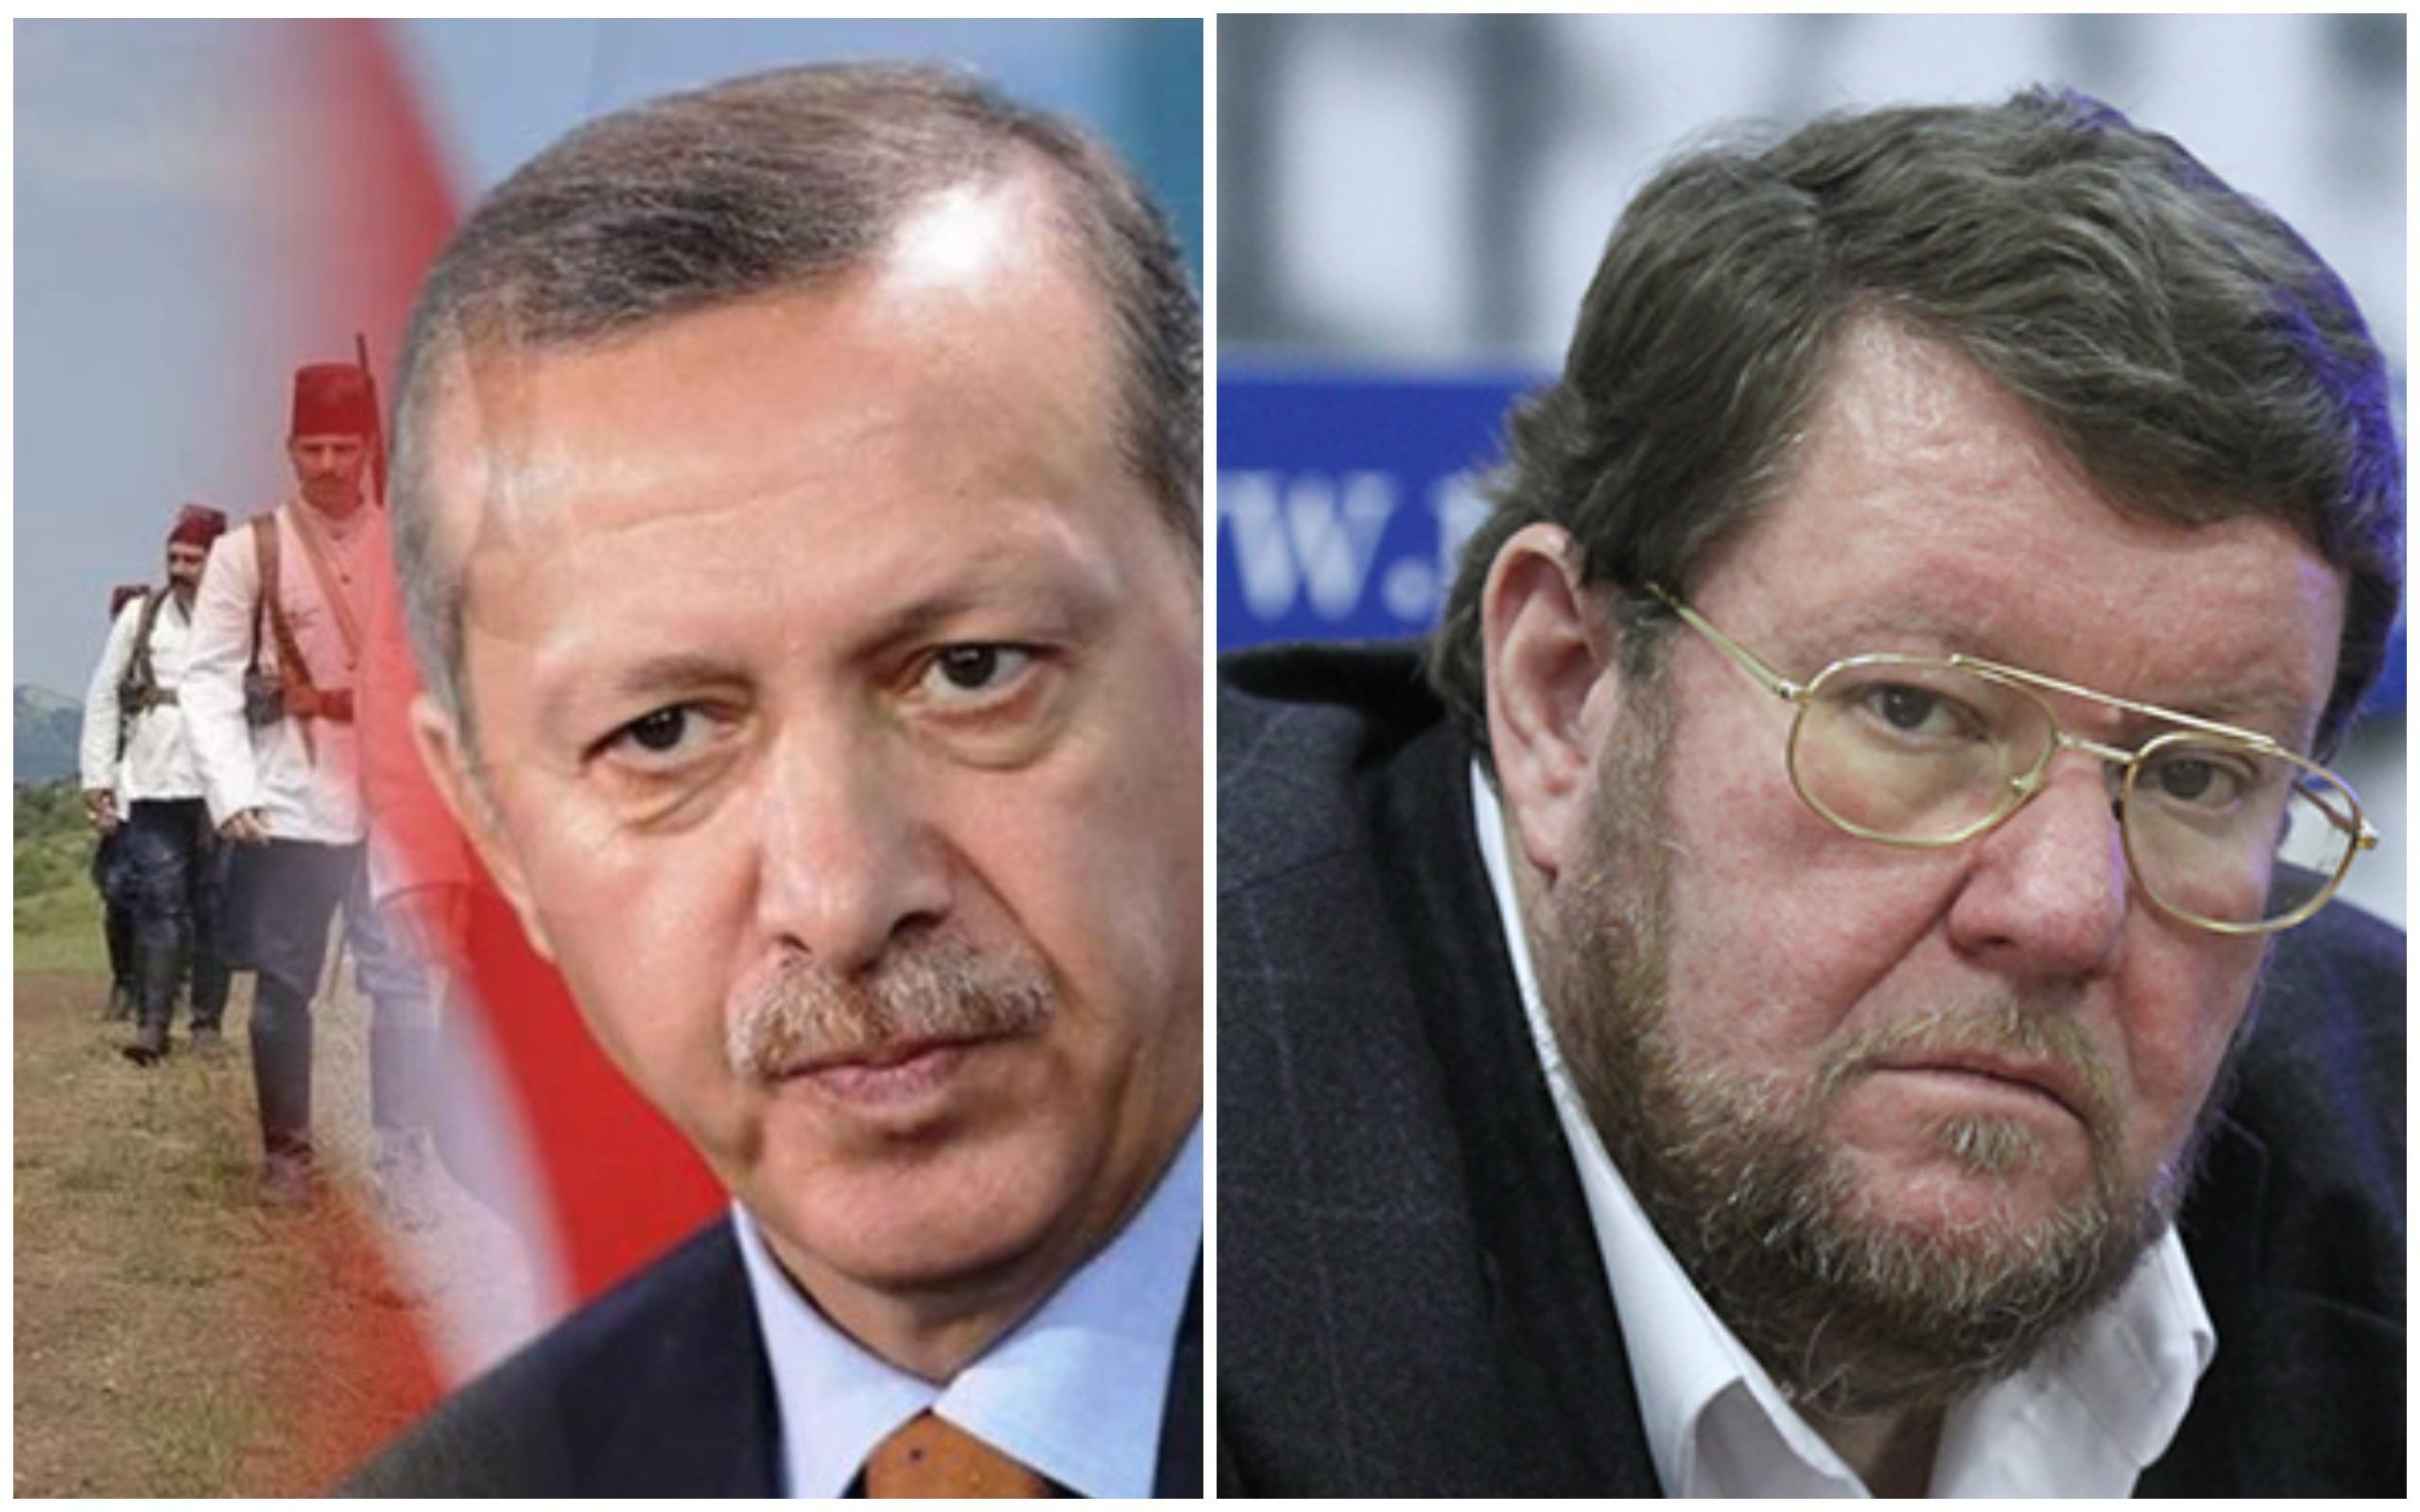 Թուրքիան մեր ստրատեգիական թշնամին է.. նրան չես կարող գնես, համոզես, չես կարող պայմանավորվել, որովհետև թշնամի է և վերջ . Սատանովսկի